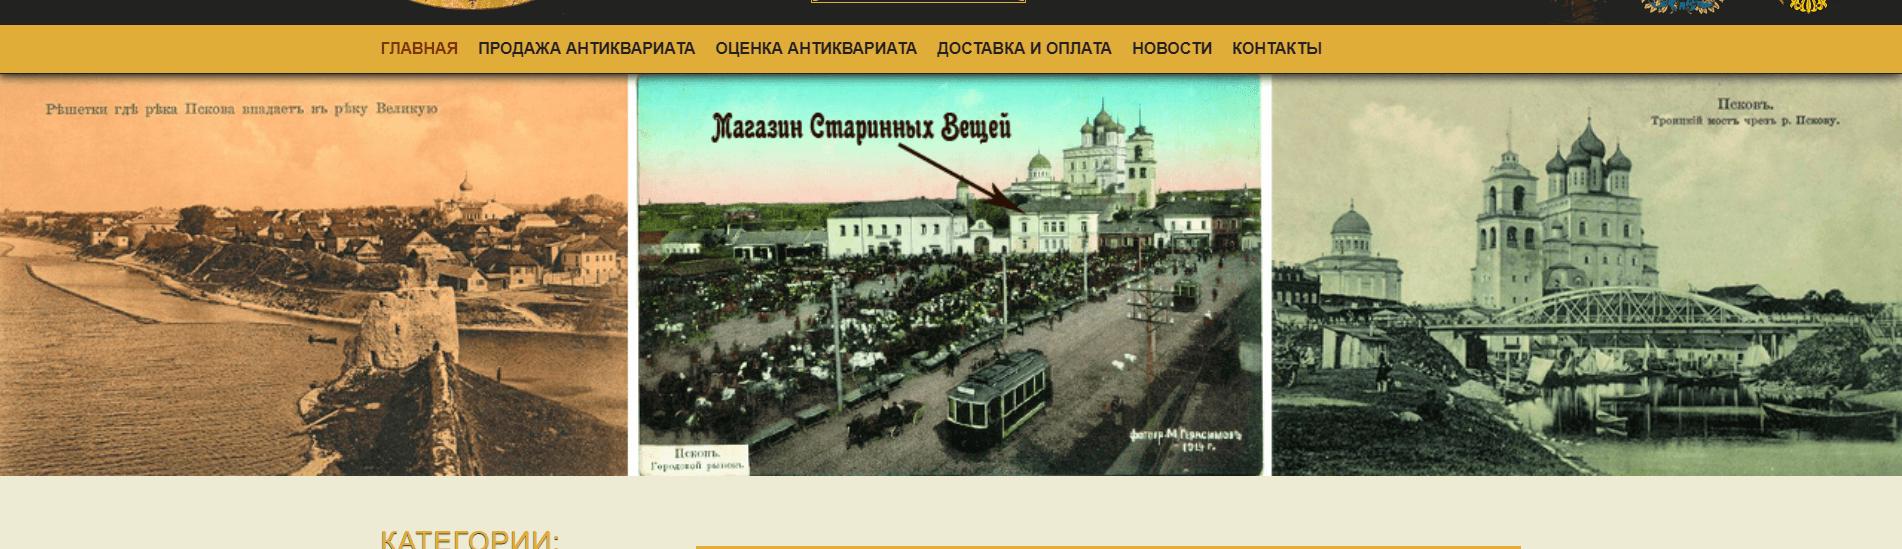 Аудит сайта antikvariatpskov.ru 3